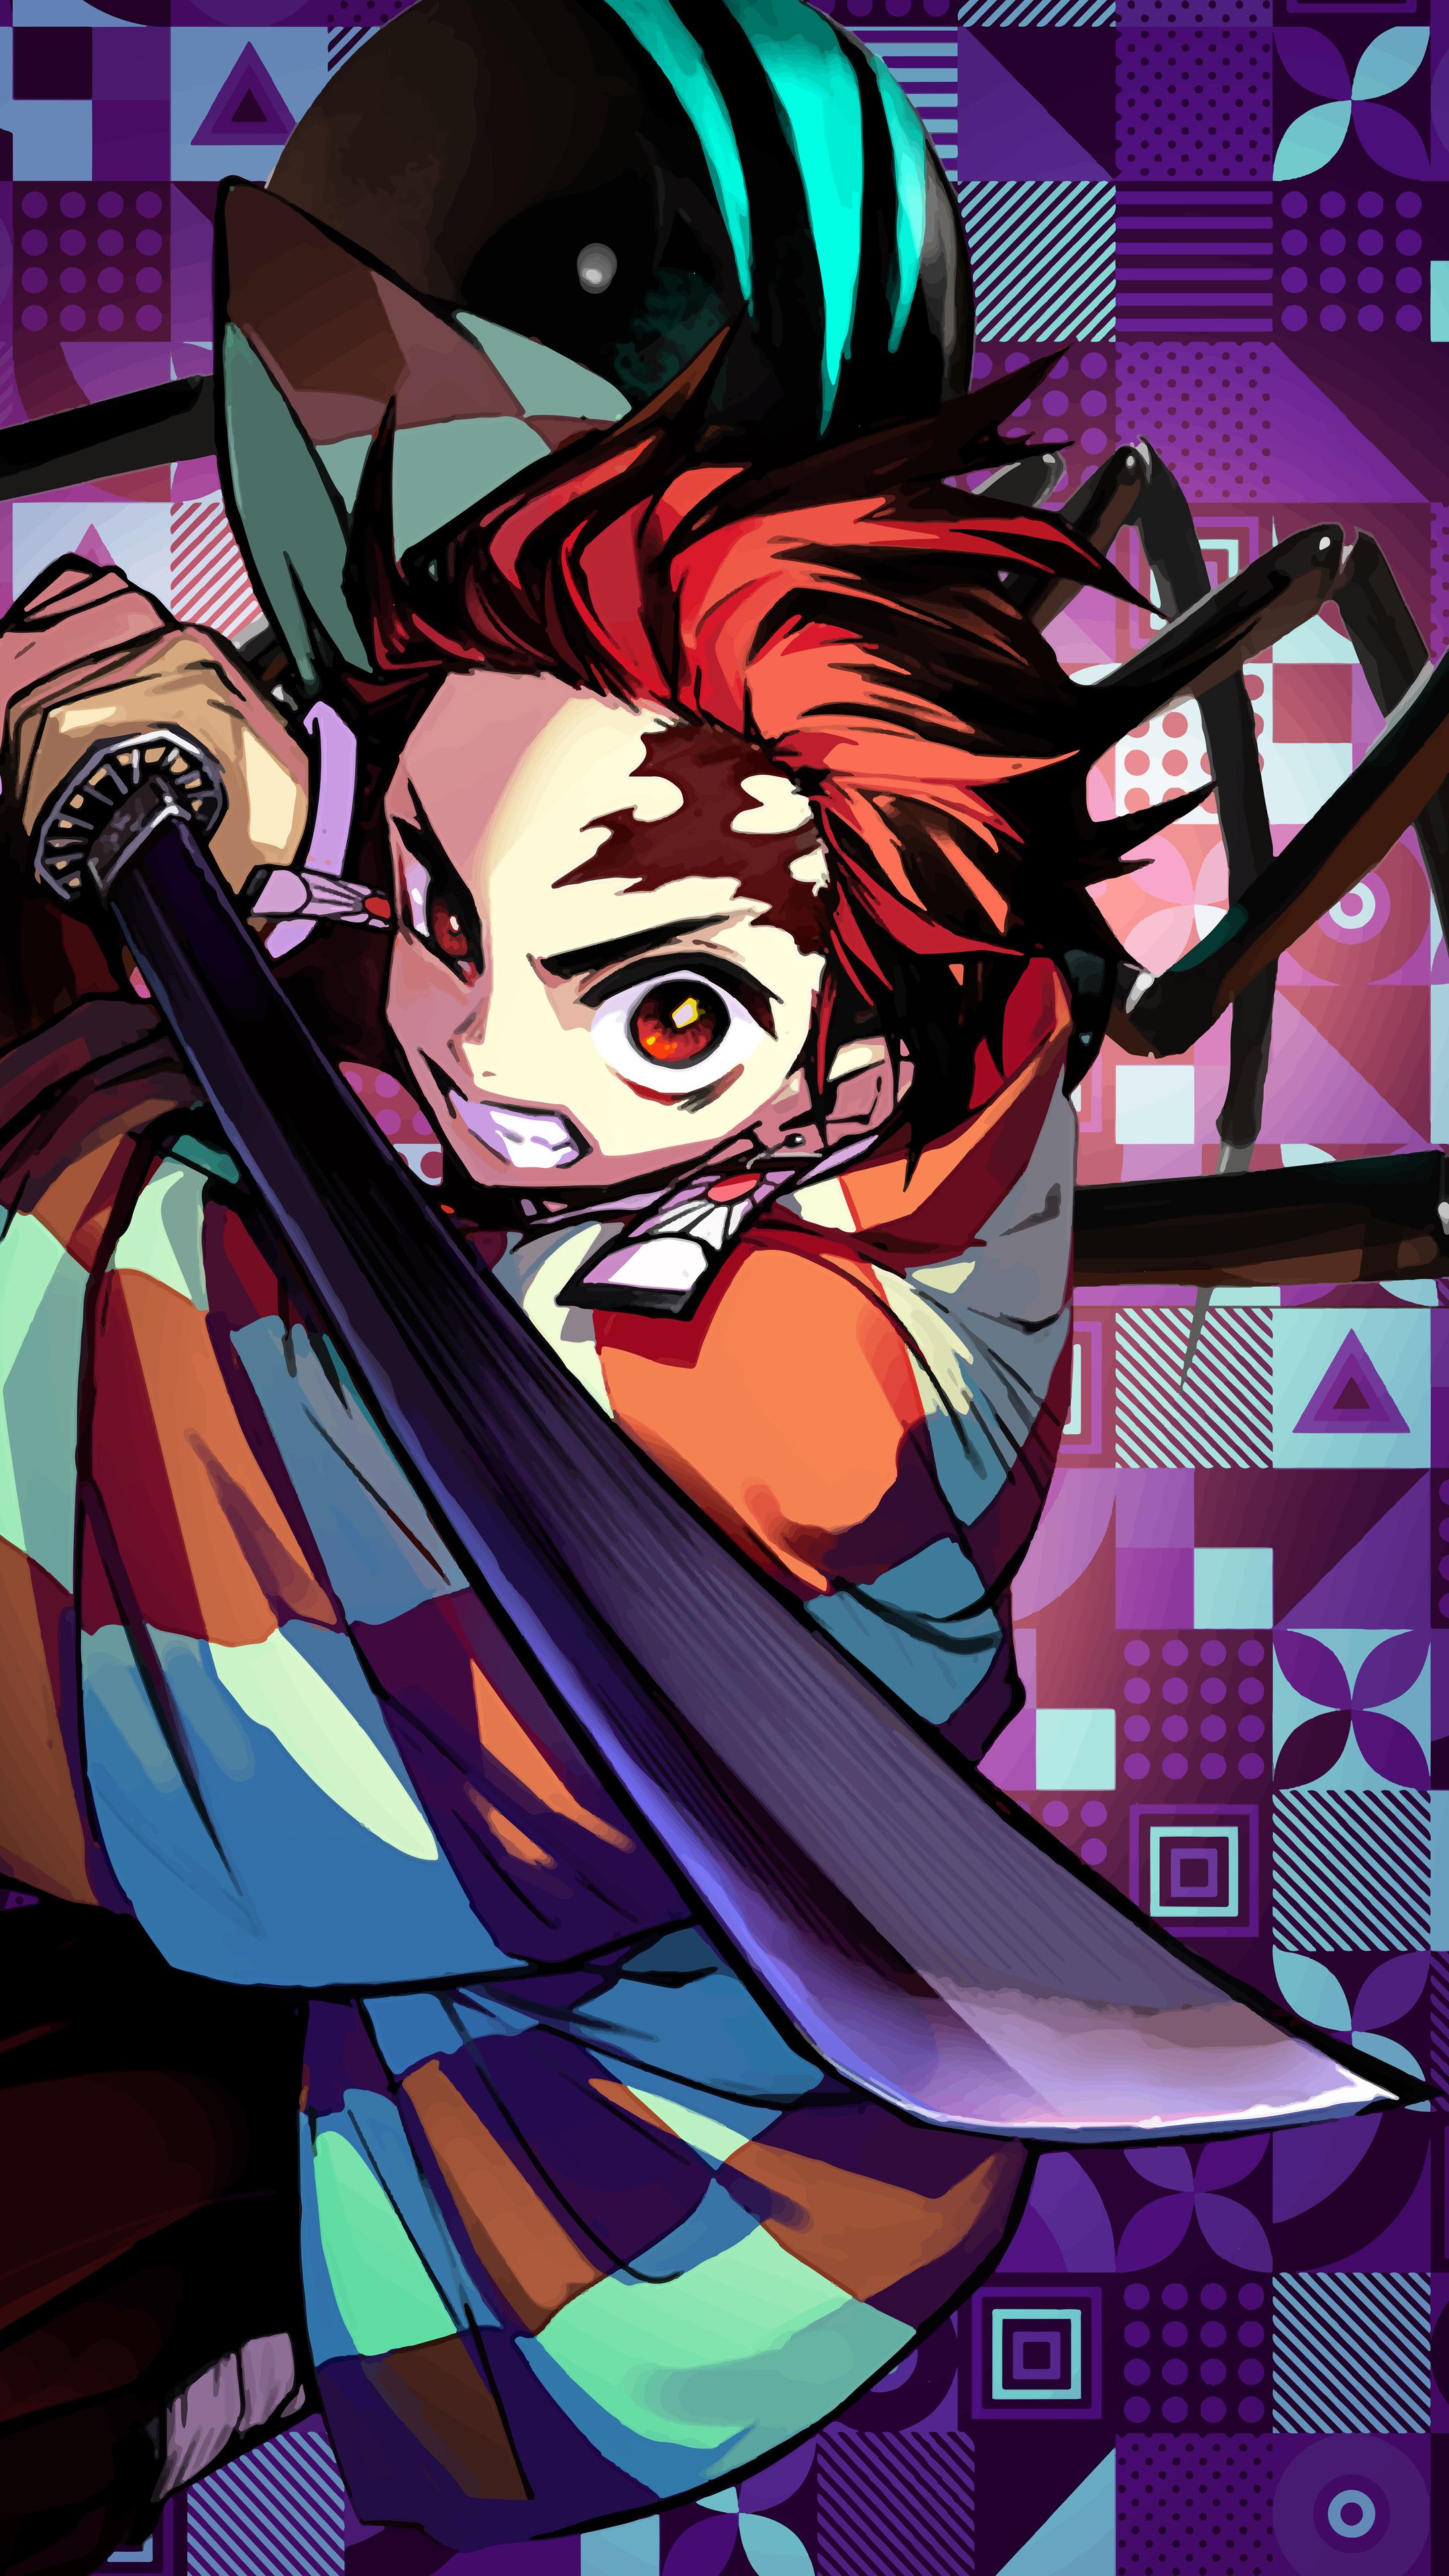 30 Anime Wallpaper 4k Vertical